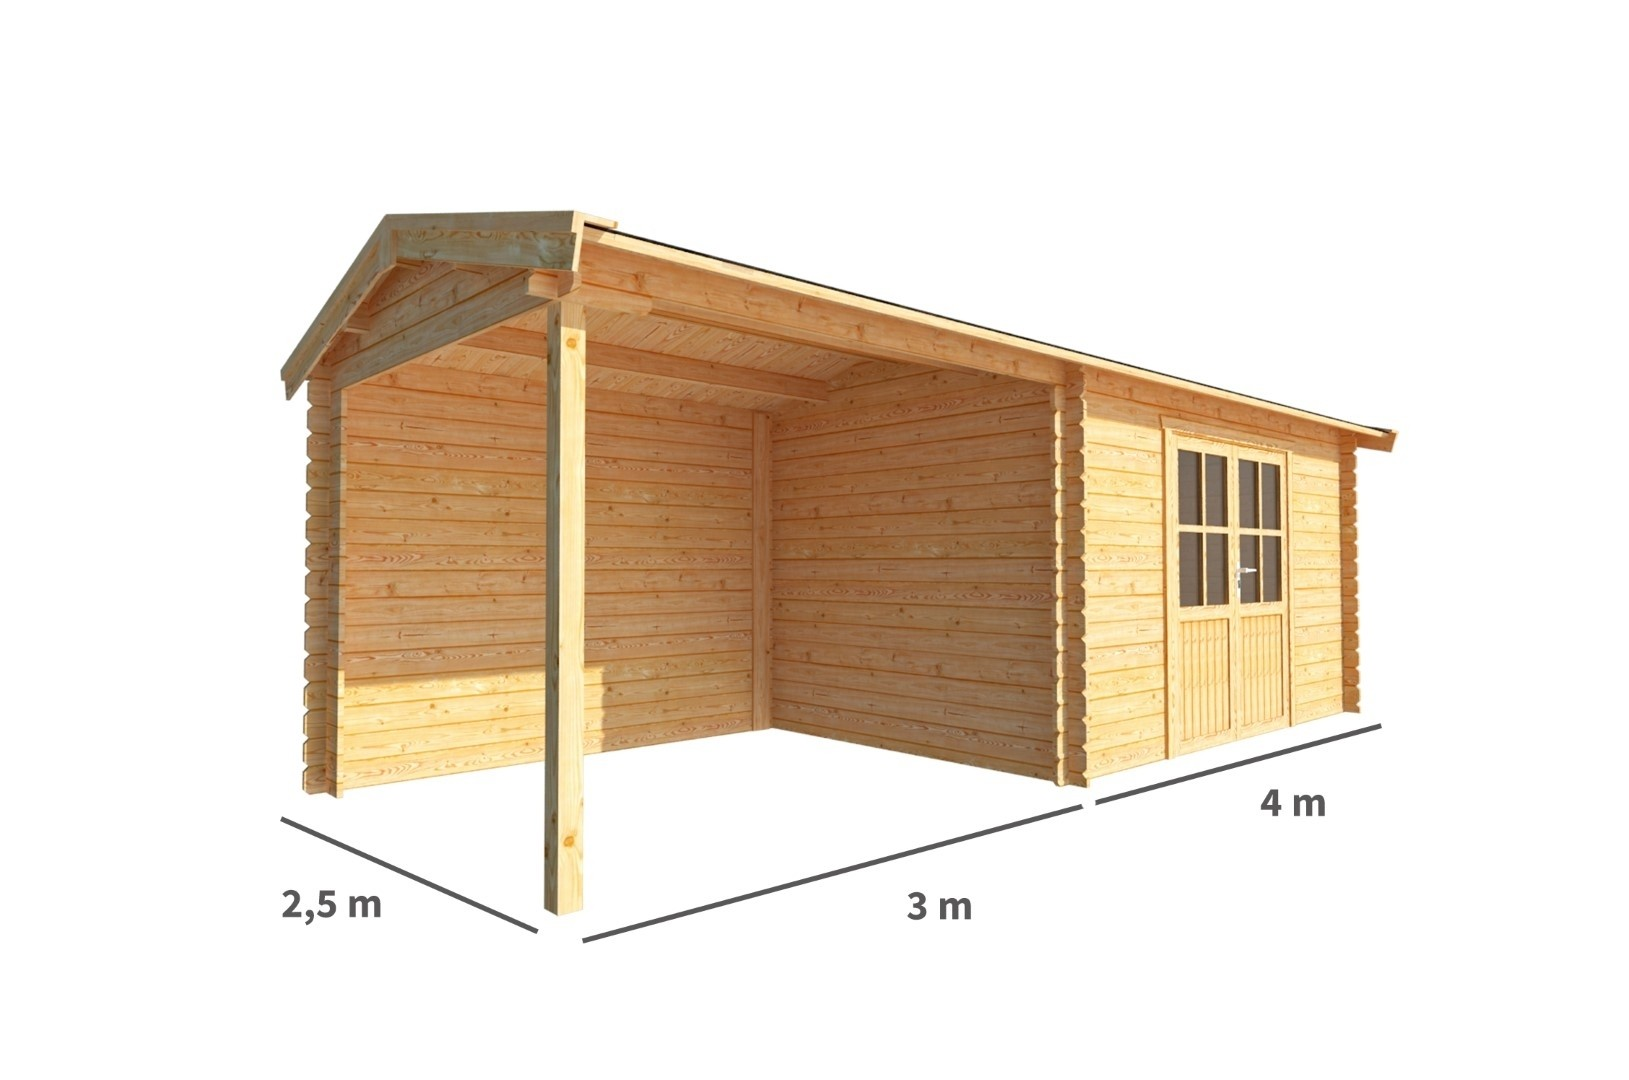 Blokhut met overkapping Fenna 700 cm bij 250 cm diep Zadeldak